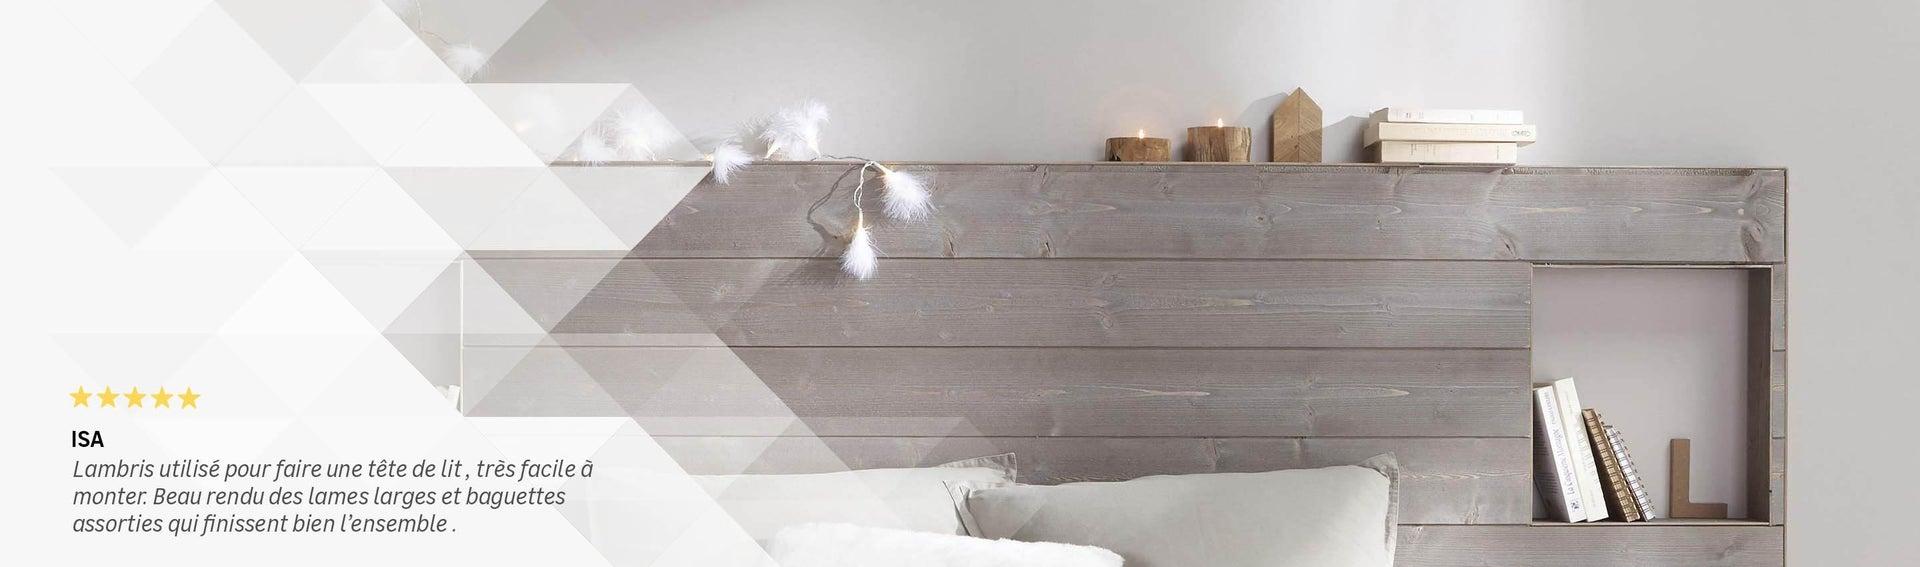 lambris pvc lambris bois parquet et plancher. Black Bedroom Furniture Sets. Home Design Ideas